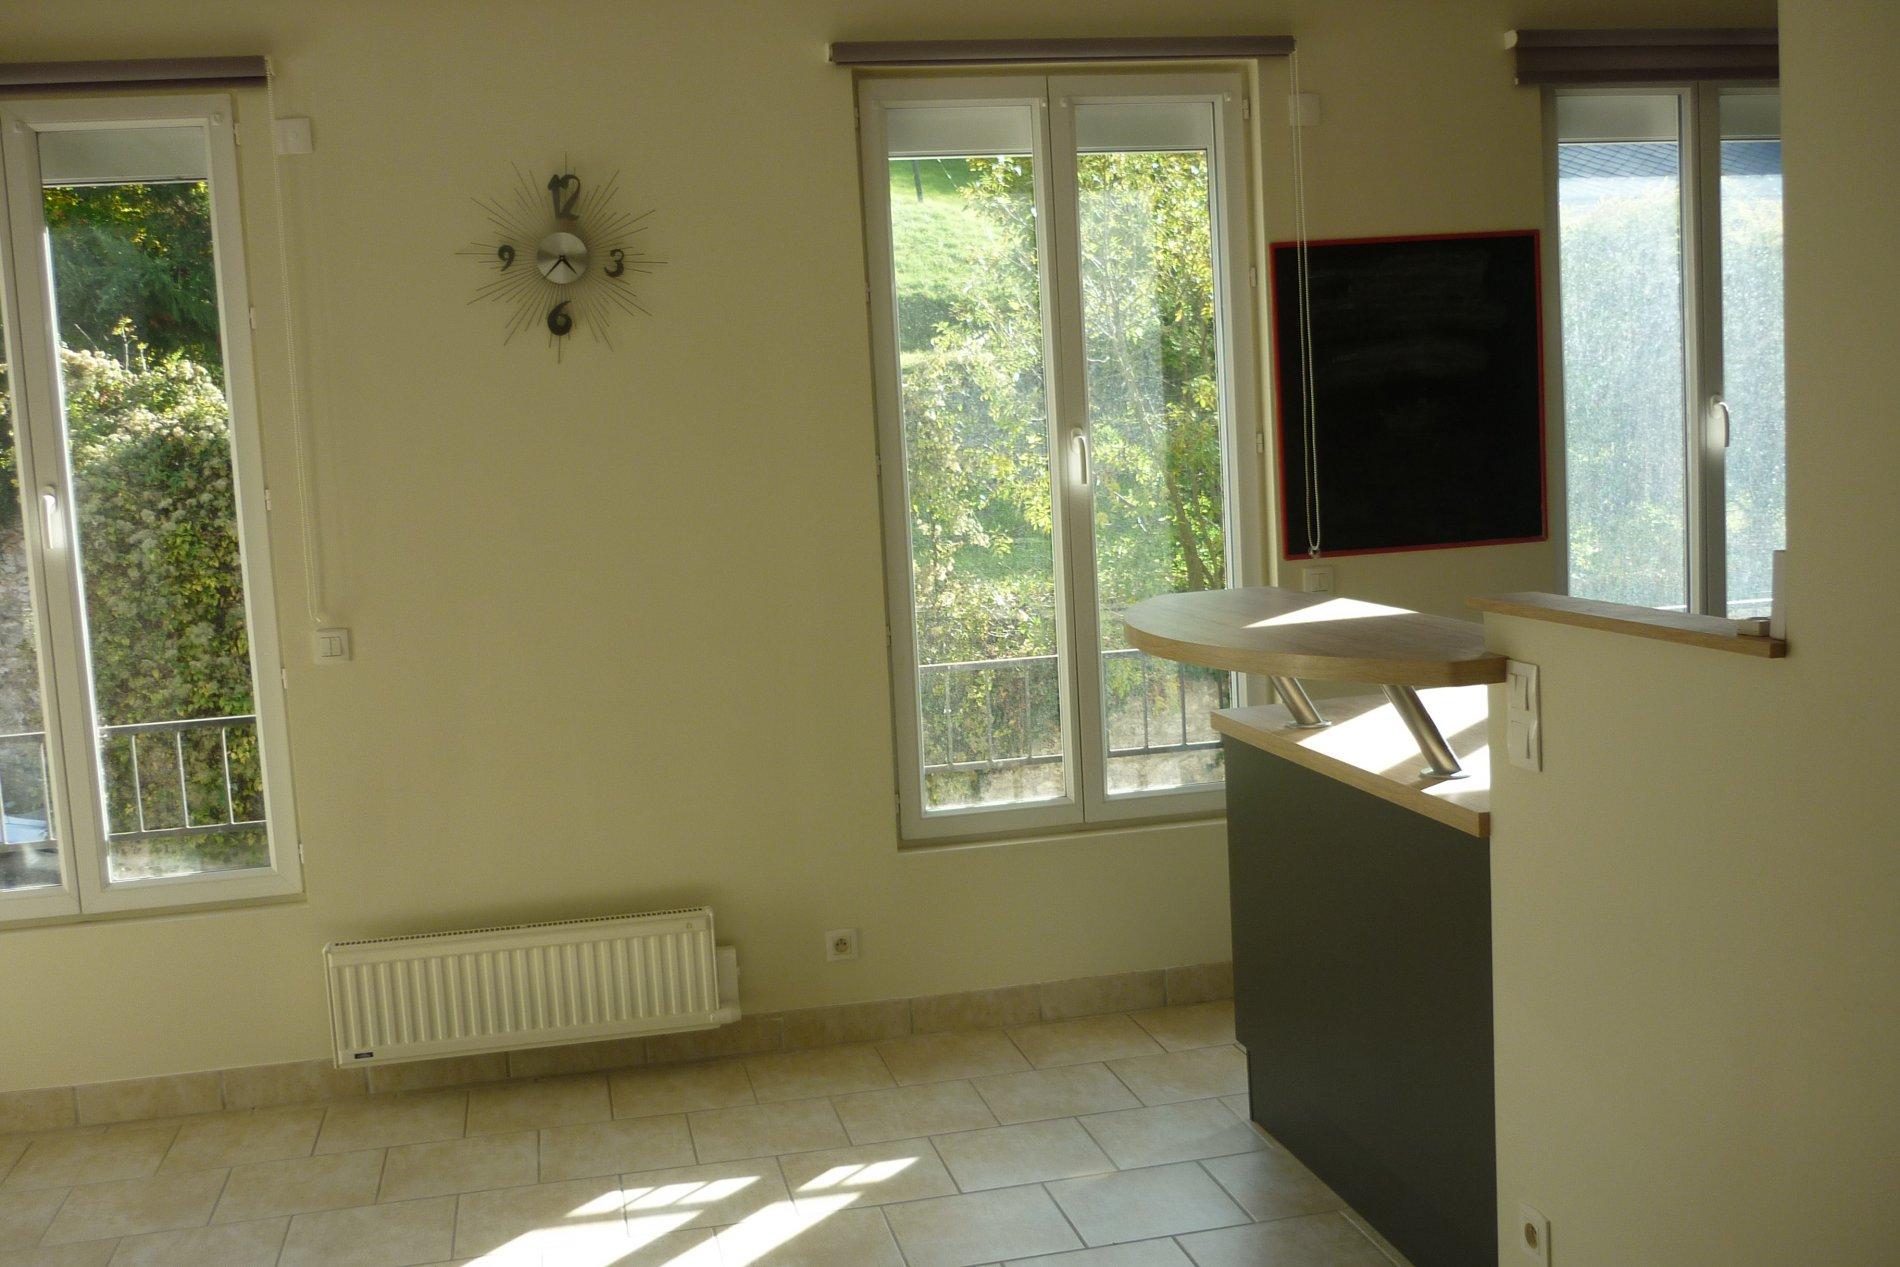 vente appartement duplex centre ville. Black Bedroom Furniture Sets. Home Design Ideas